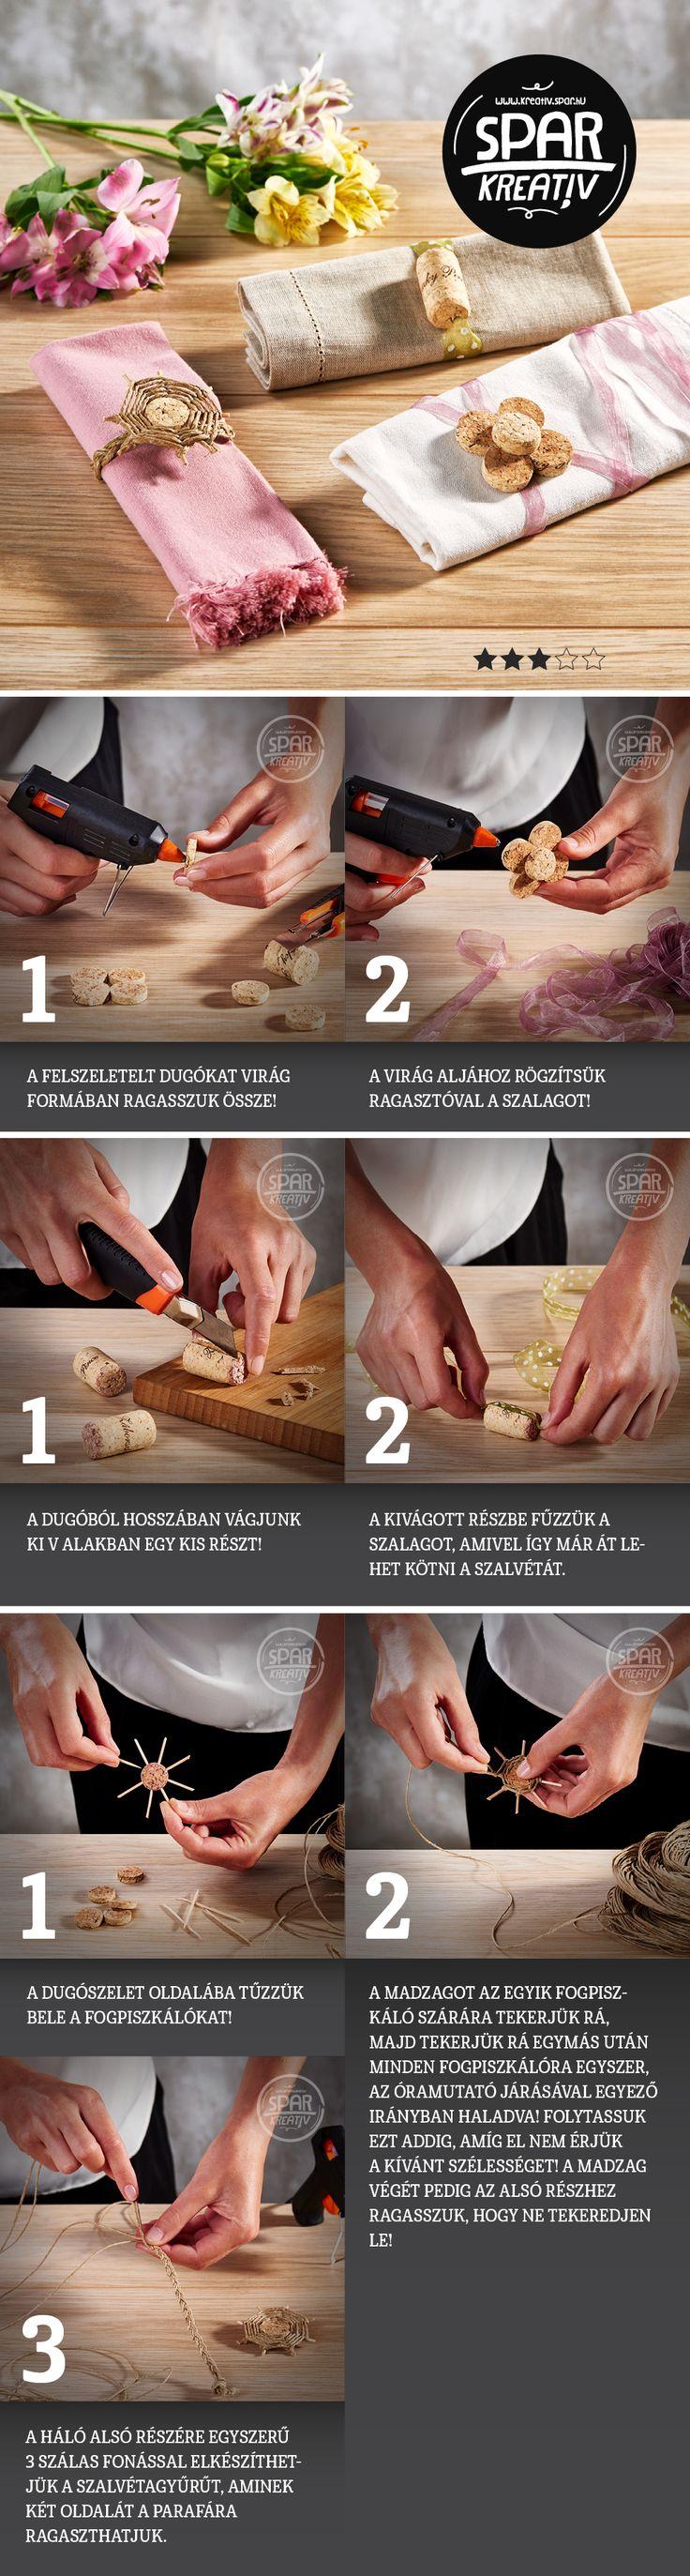 Szalvétadísz-variációk: Kelleni fognak szalvéták, parafa dugók, lyukasztó eszköz, szalagok, fogpiszkálók, vékony madzag, sniccer, ragasztópisztoly. A 3-4 mm vastagra felszeletelt dugókból számtalan formát ragaszthatsz össze, kombinálhatod a fogpiszkálókkal és madzaggal. A szalvétára ráerősítheted madzagból font szalvétagyűrűvel vagy színes organzaszalaggal... úgy variálod őket, ahogy neked tetszik!